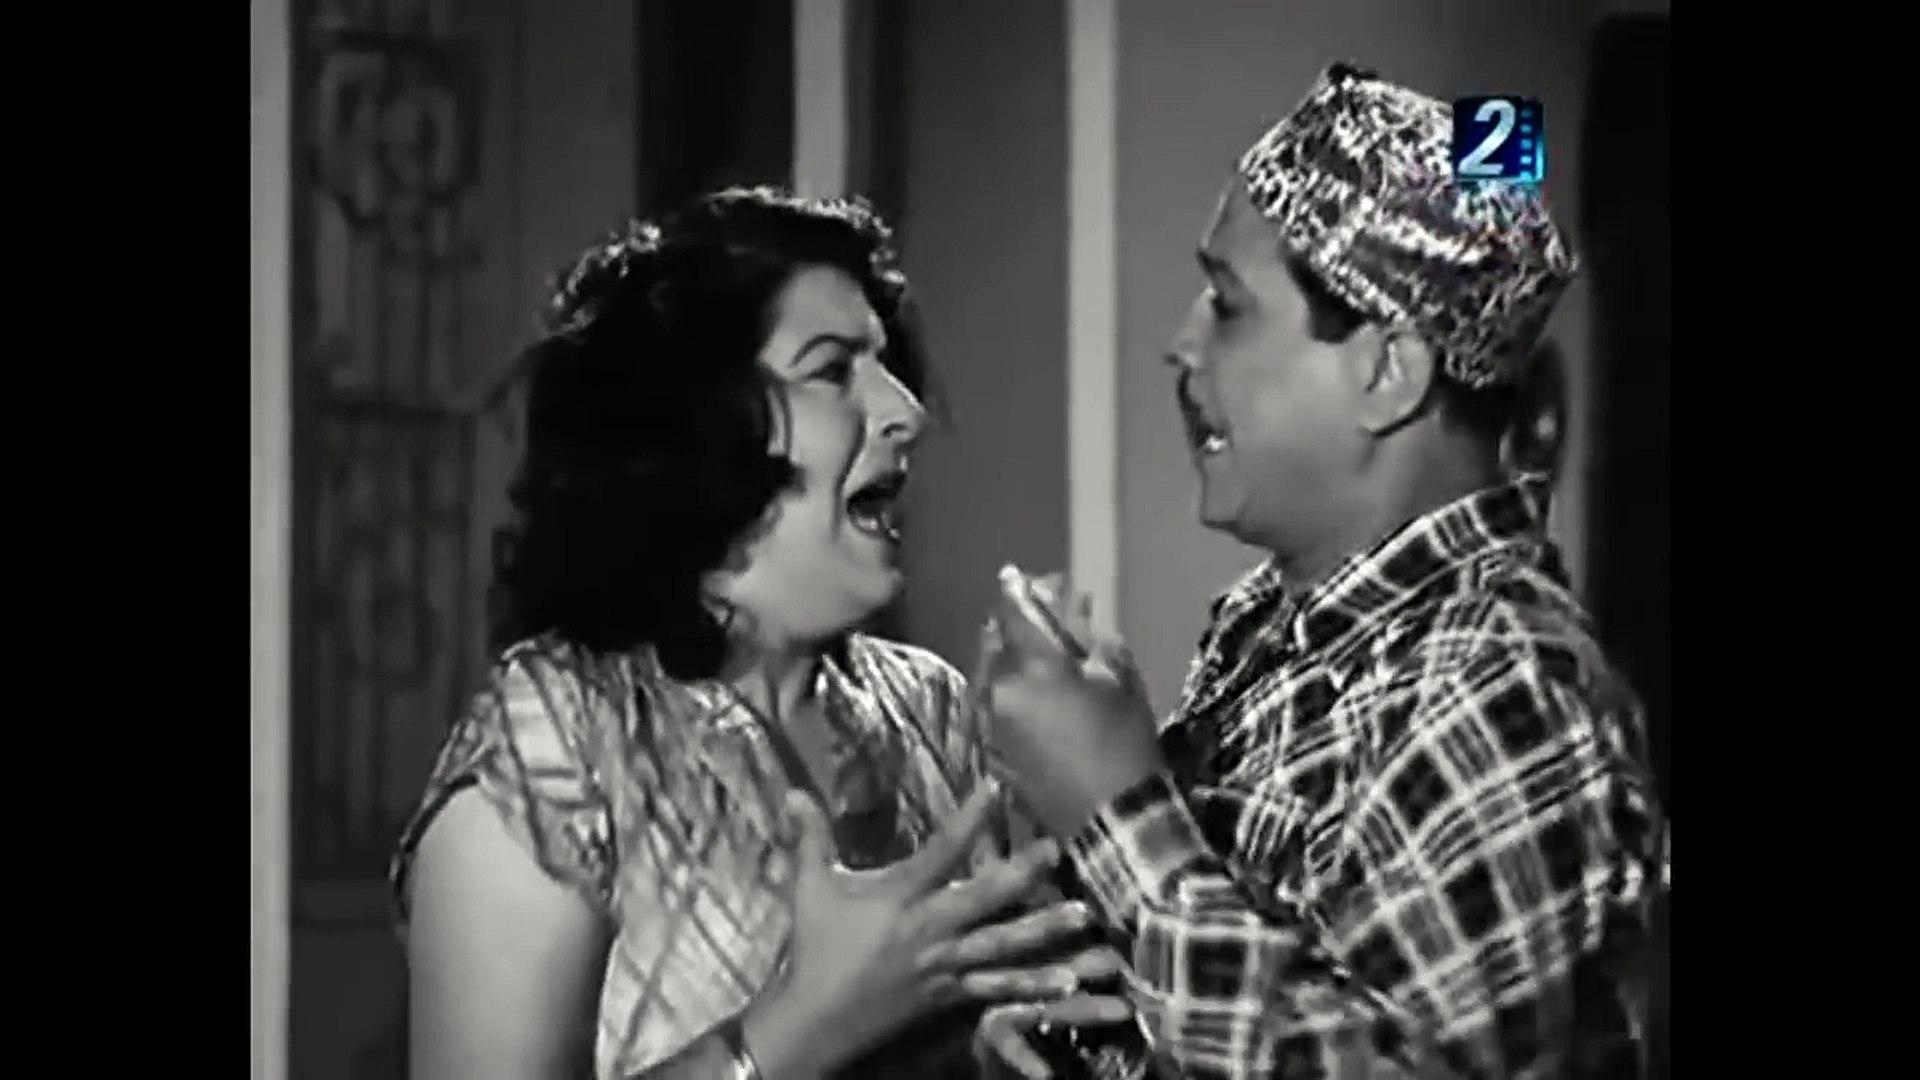 فيلم عرايس فى المزاد | فيلم عربى | فيلم كامل | افلام مصرية | افلام عربية | افلام السينما HD